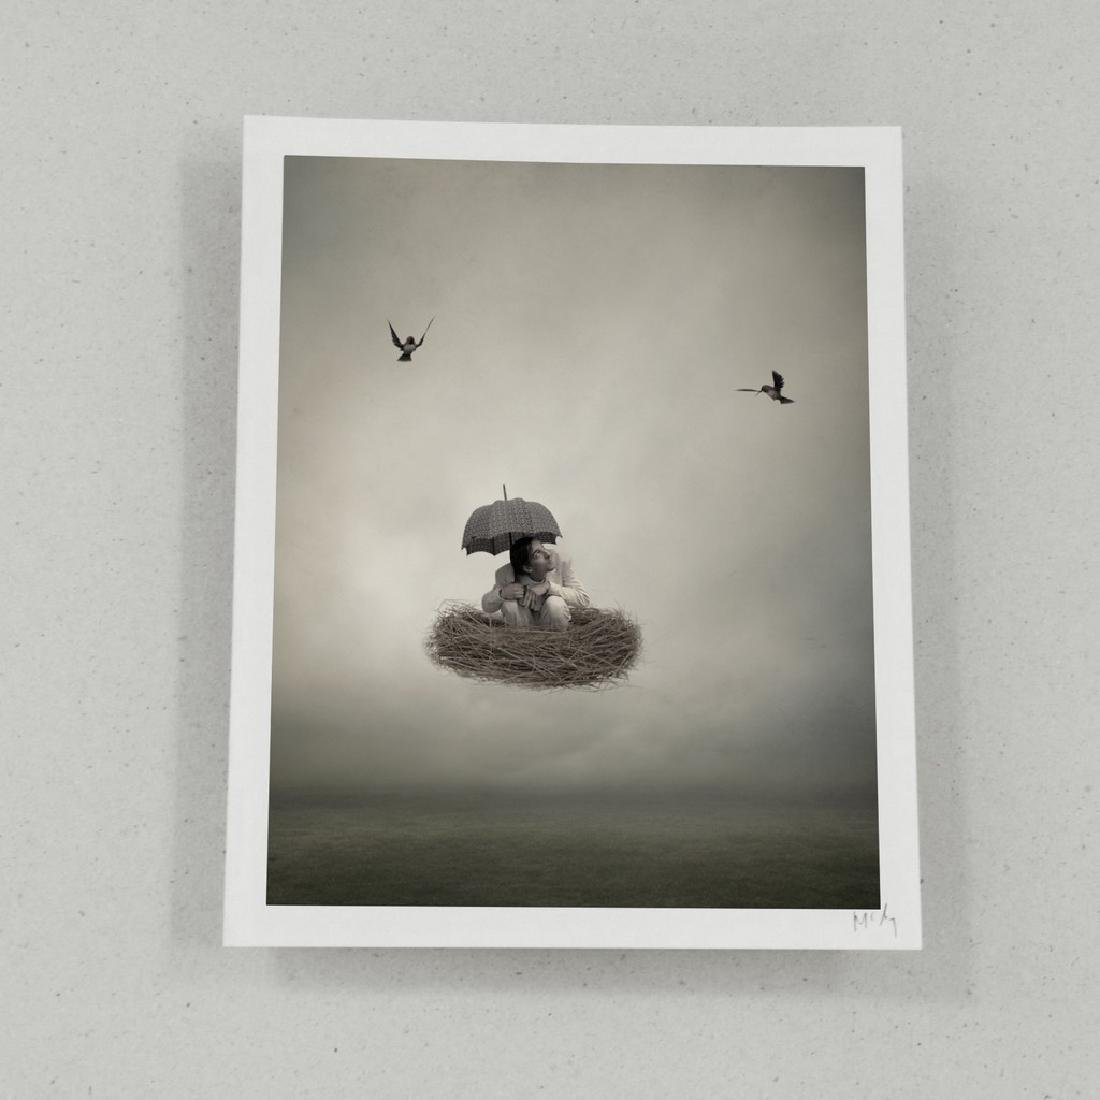 Philip Mckay Print Airborne Folio - 2